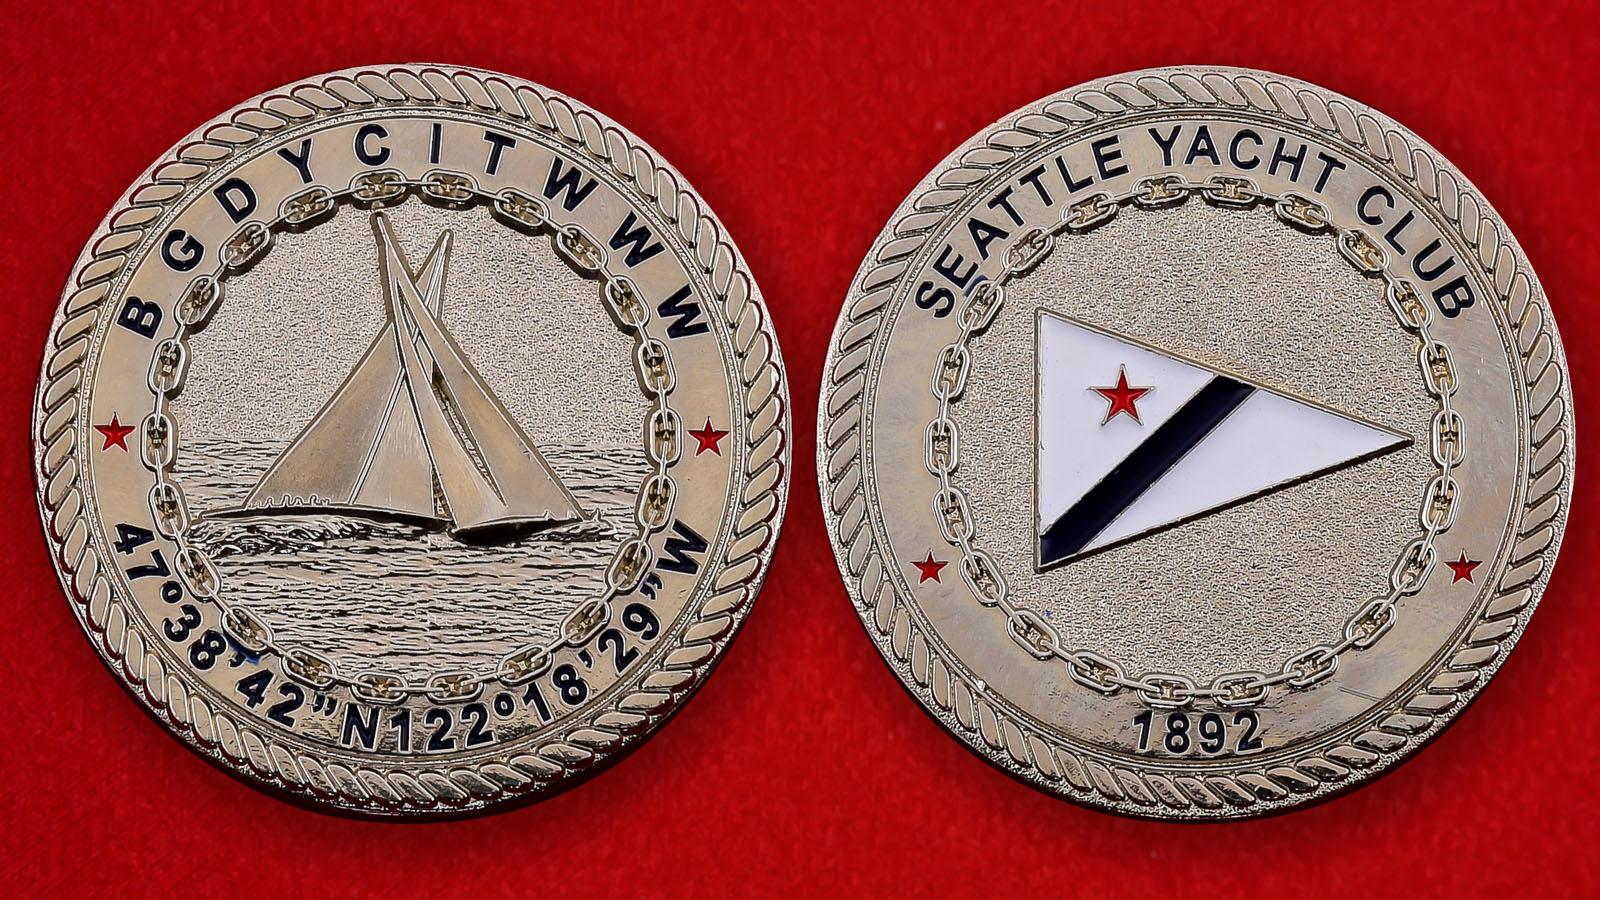 Юбилейная монета к 120-летию Яхт-клуба в Сиэтле